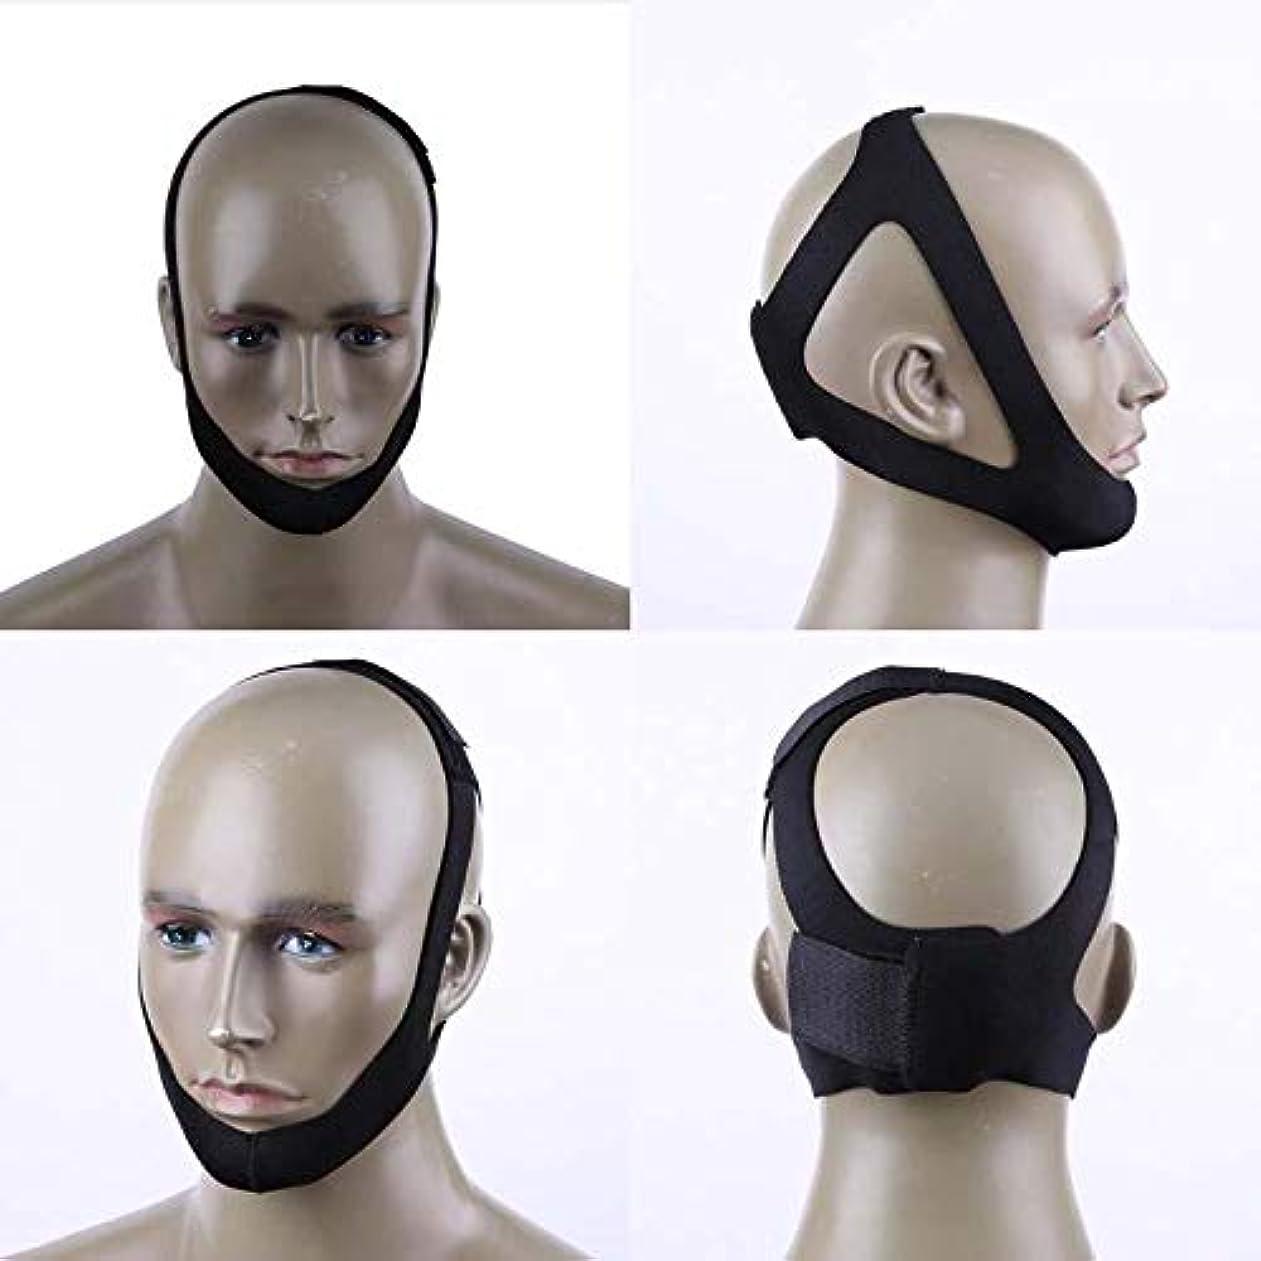 解き明かす提出する用心NOTE 睡眠マスク三角形抗いびきヘッドバンド停止いびきいびき止めあごの顎いびき抵抗女性男睡眠ツール